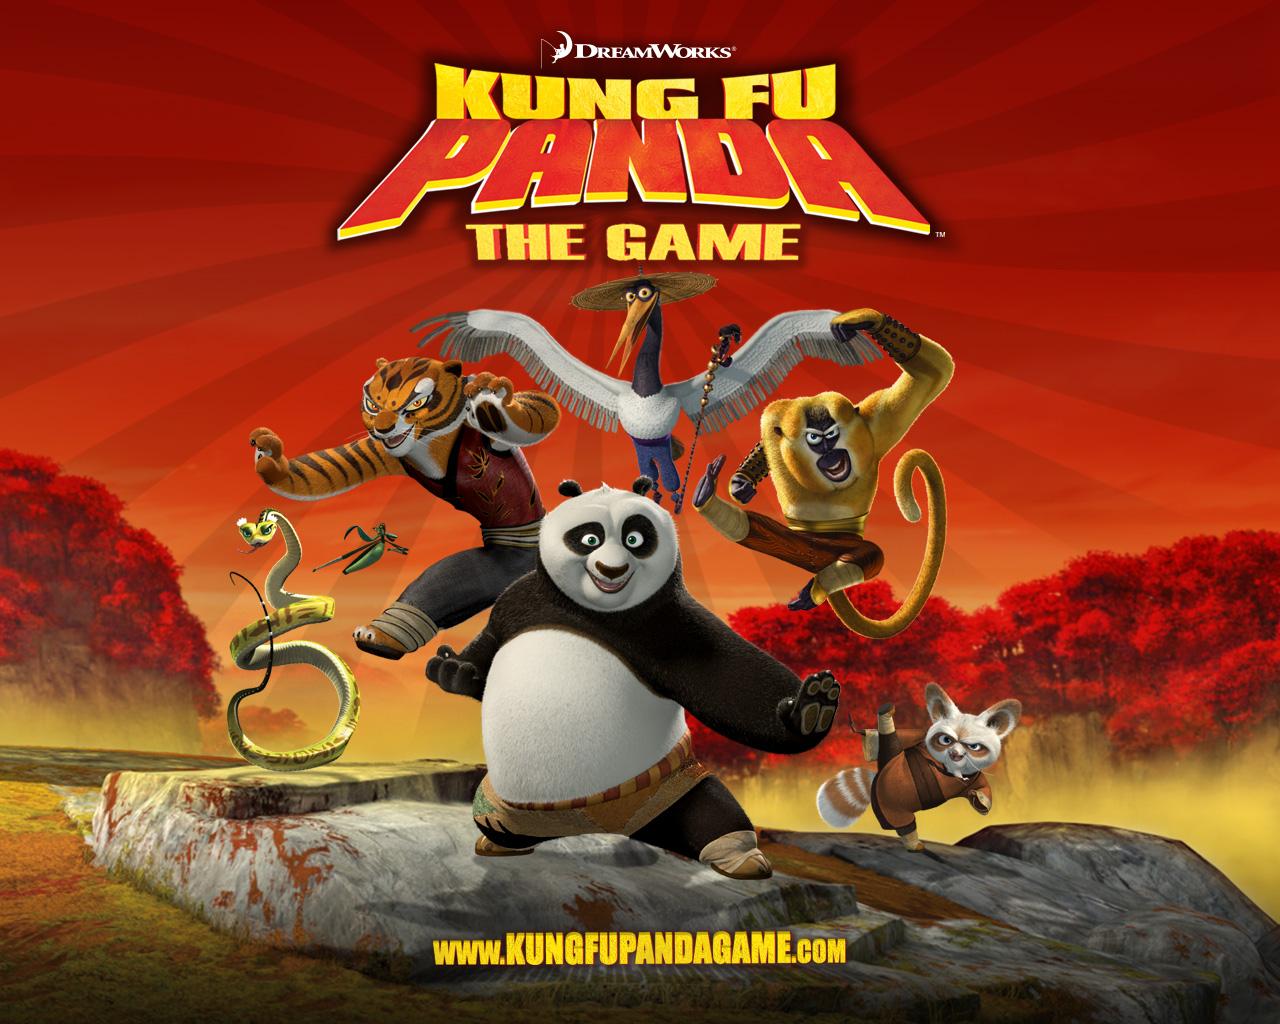 Kung Fu Panda Pc Game Download Games Software